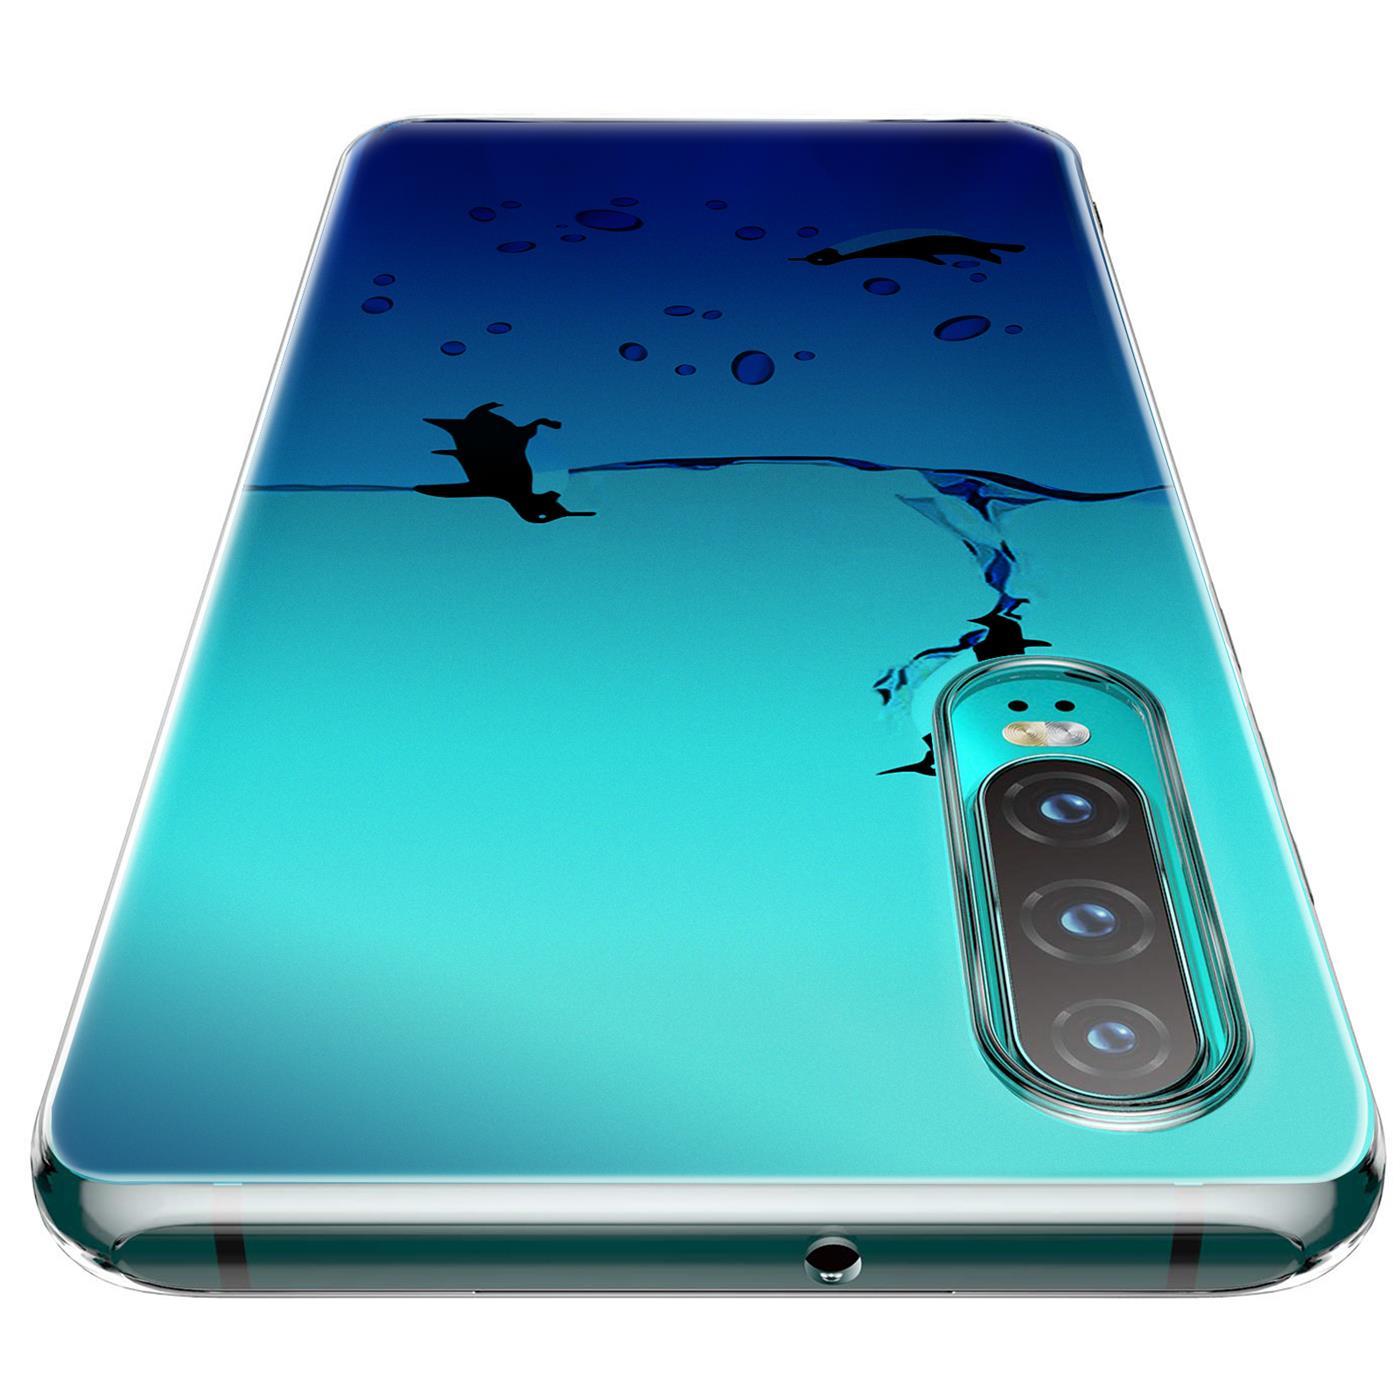 Huawei-P30-Lite-Motiv-Handy-Huelle-Silikon-Tasche-Schutzhuelle-Cover-Slim-TPU-Case Indexbild 24